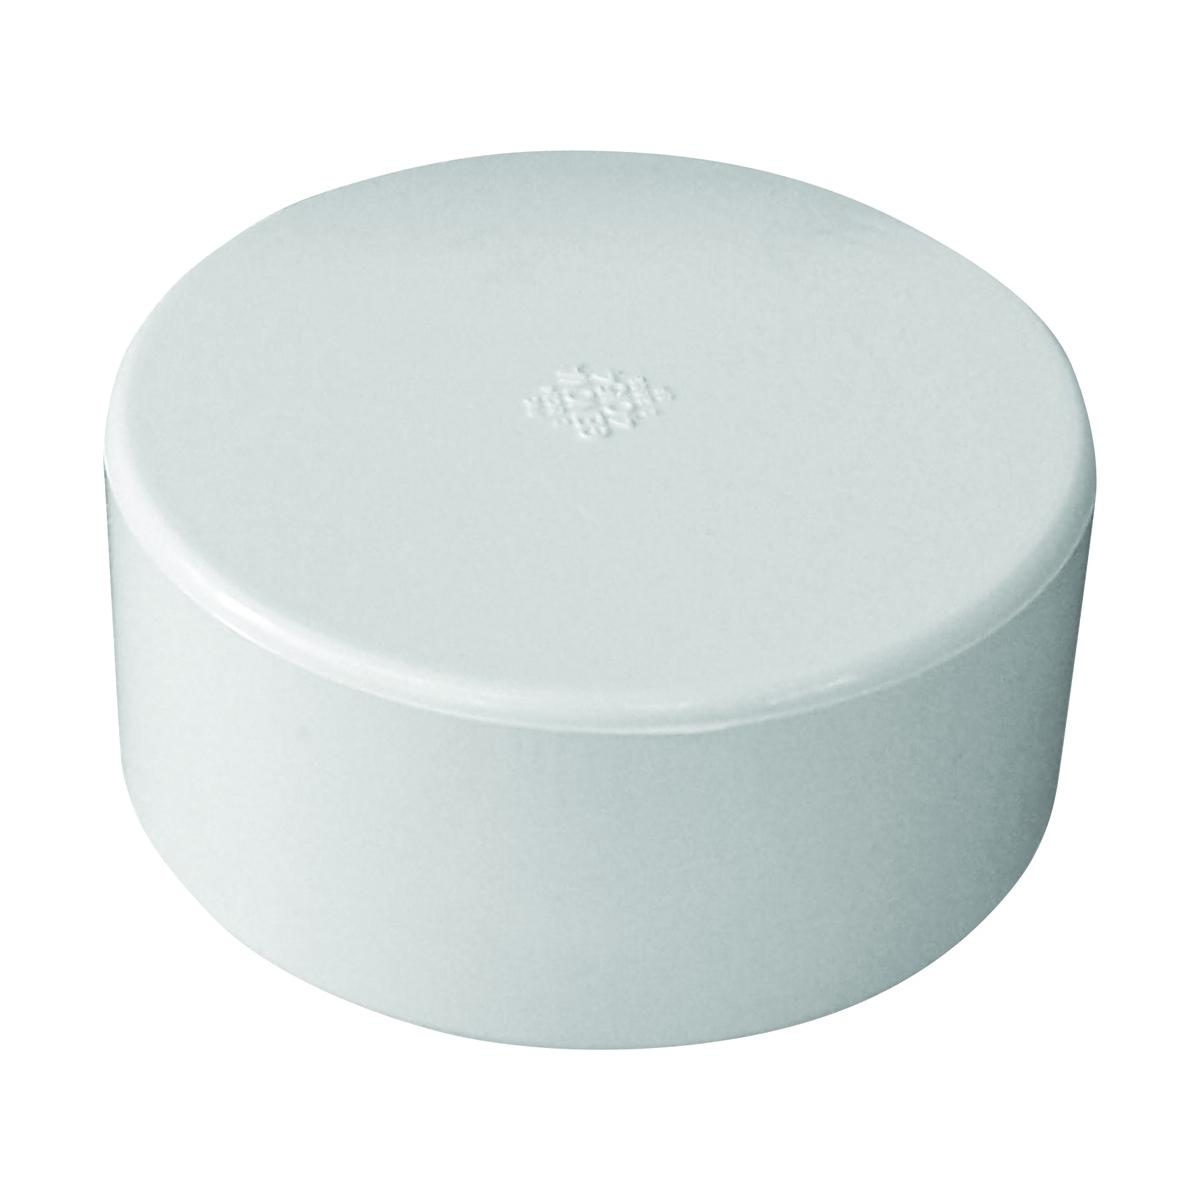 Picture of GENOVA 40154 Pipe Cap, 4 in, Hub, PVC, White